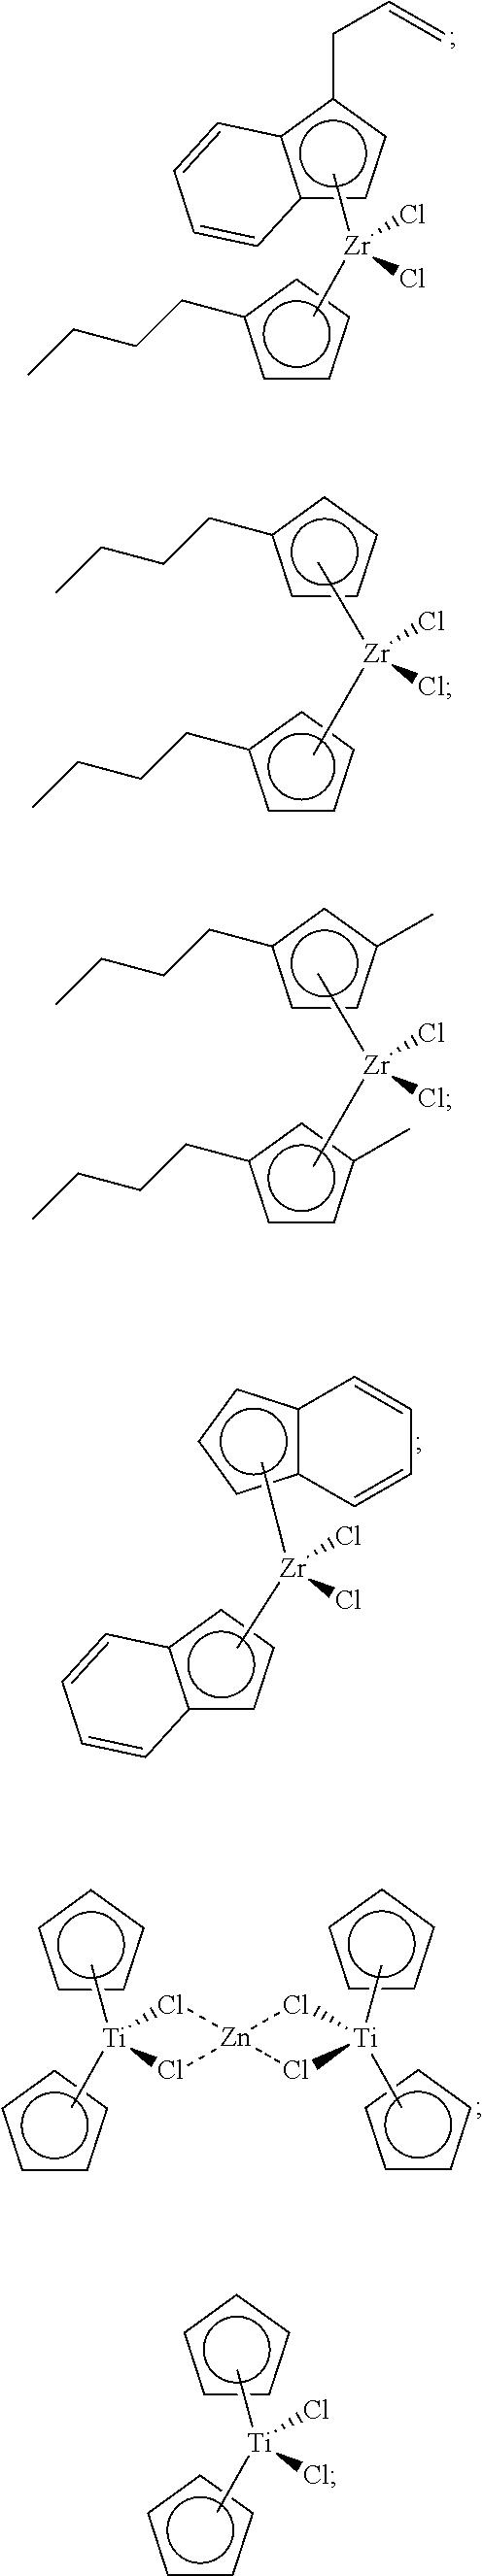 Figure US08450436-20130528-C00048